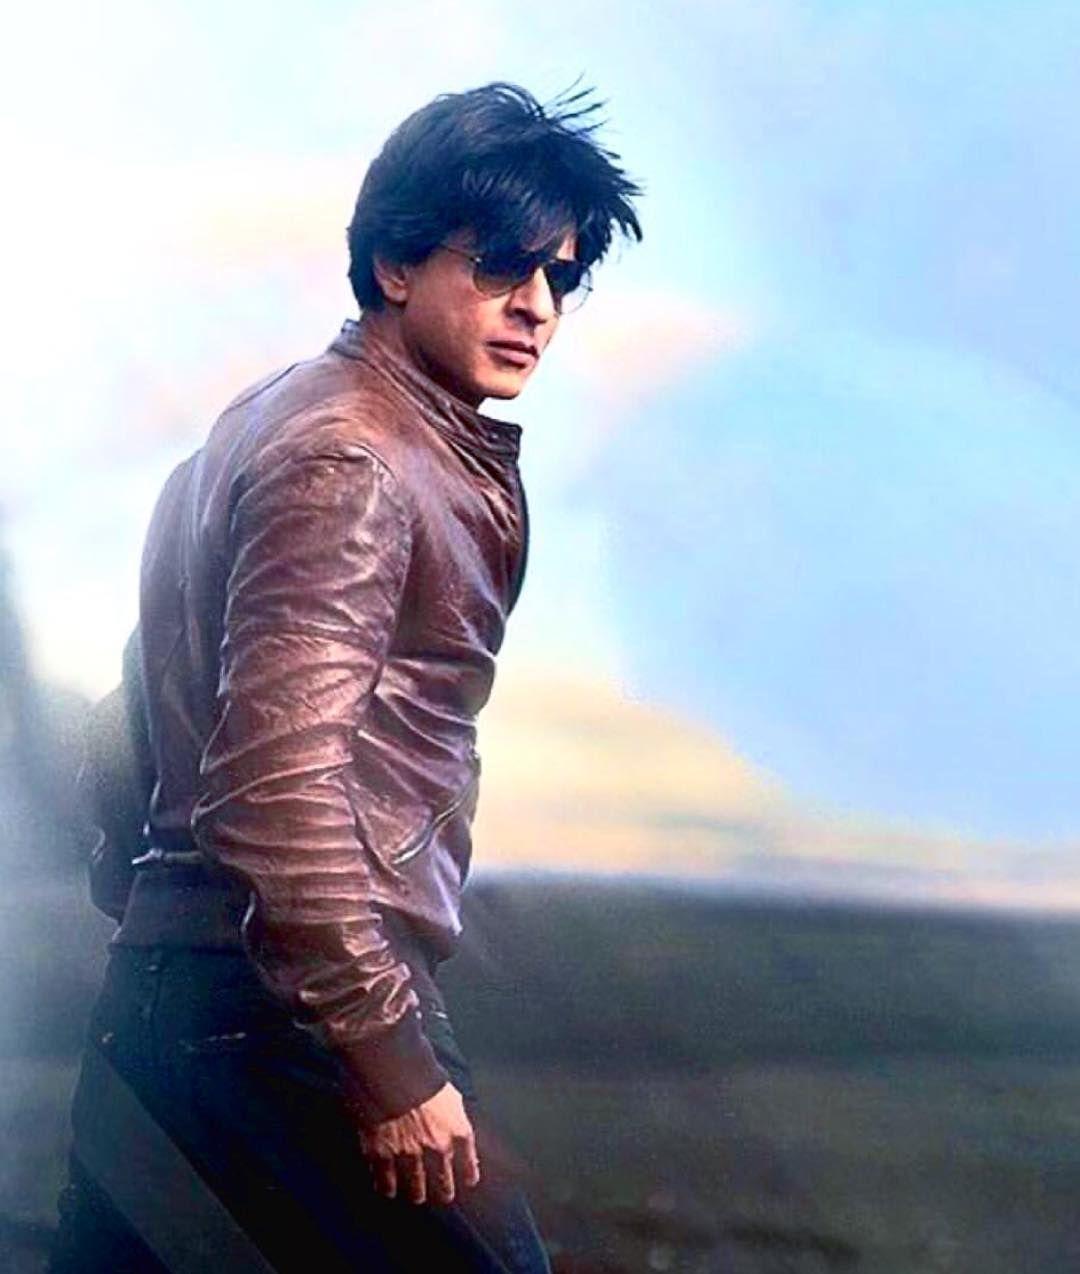 Shahrukh khan badshah film mp3 songs - Serie pretty little